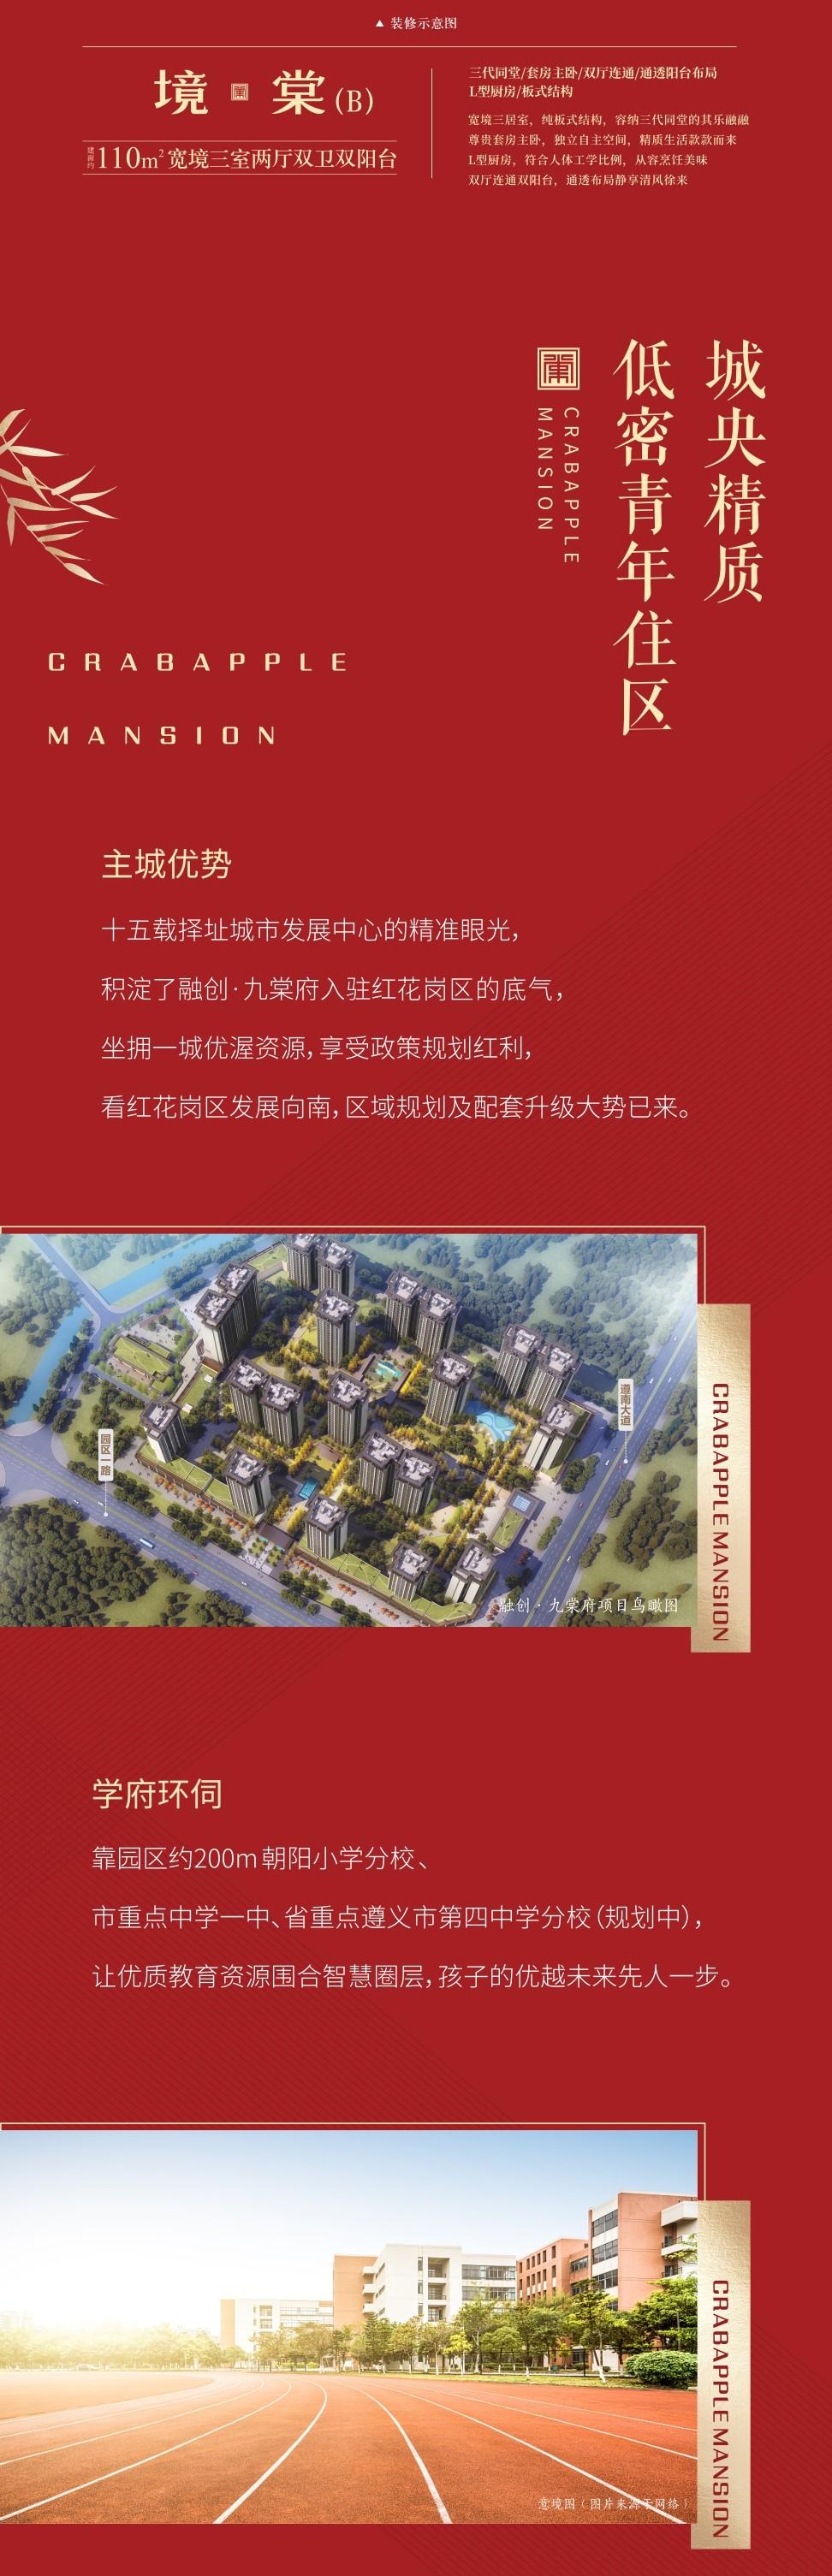 融创·九棠府|两周年钜惠盛启 城央精质再燃遵义-中国网地产